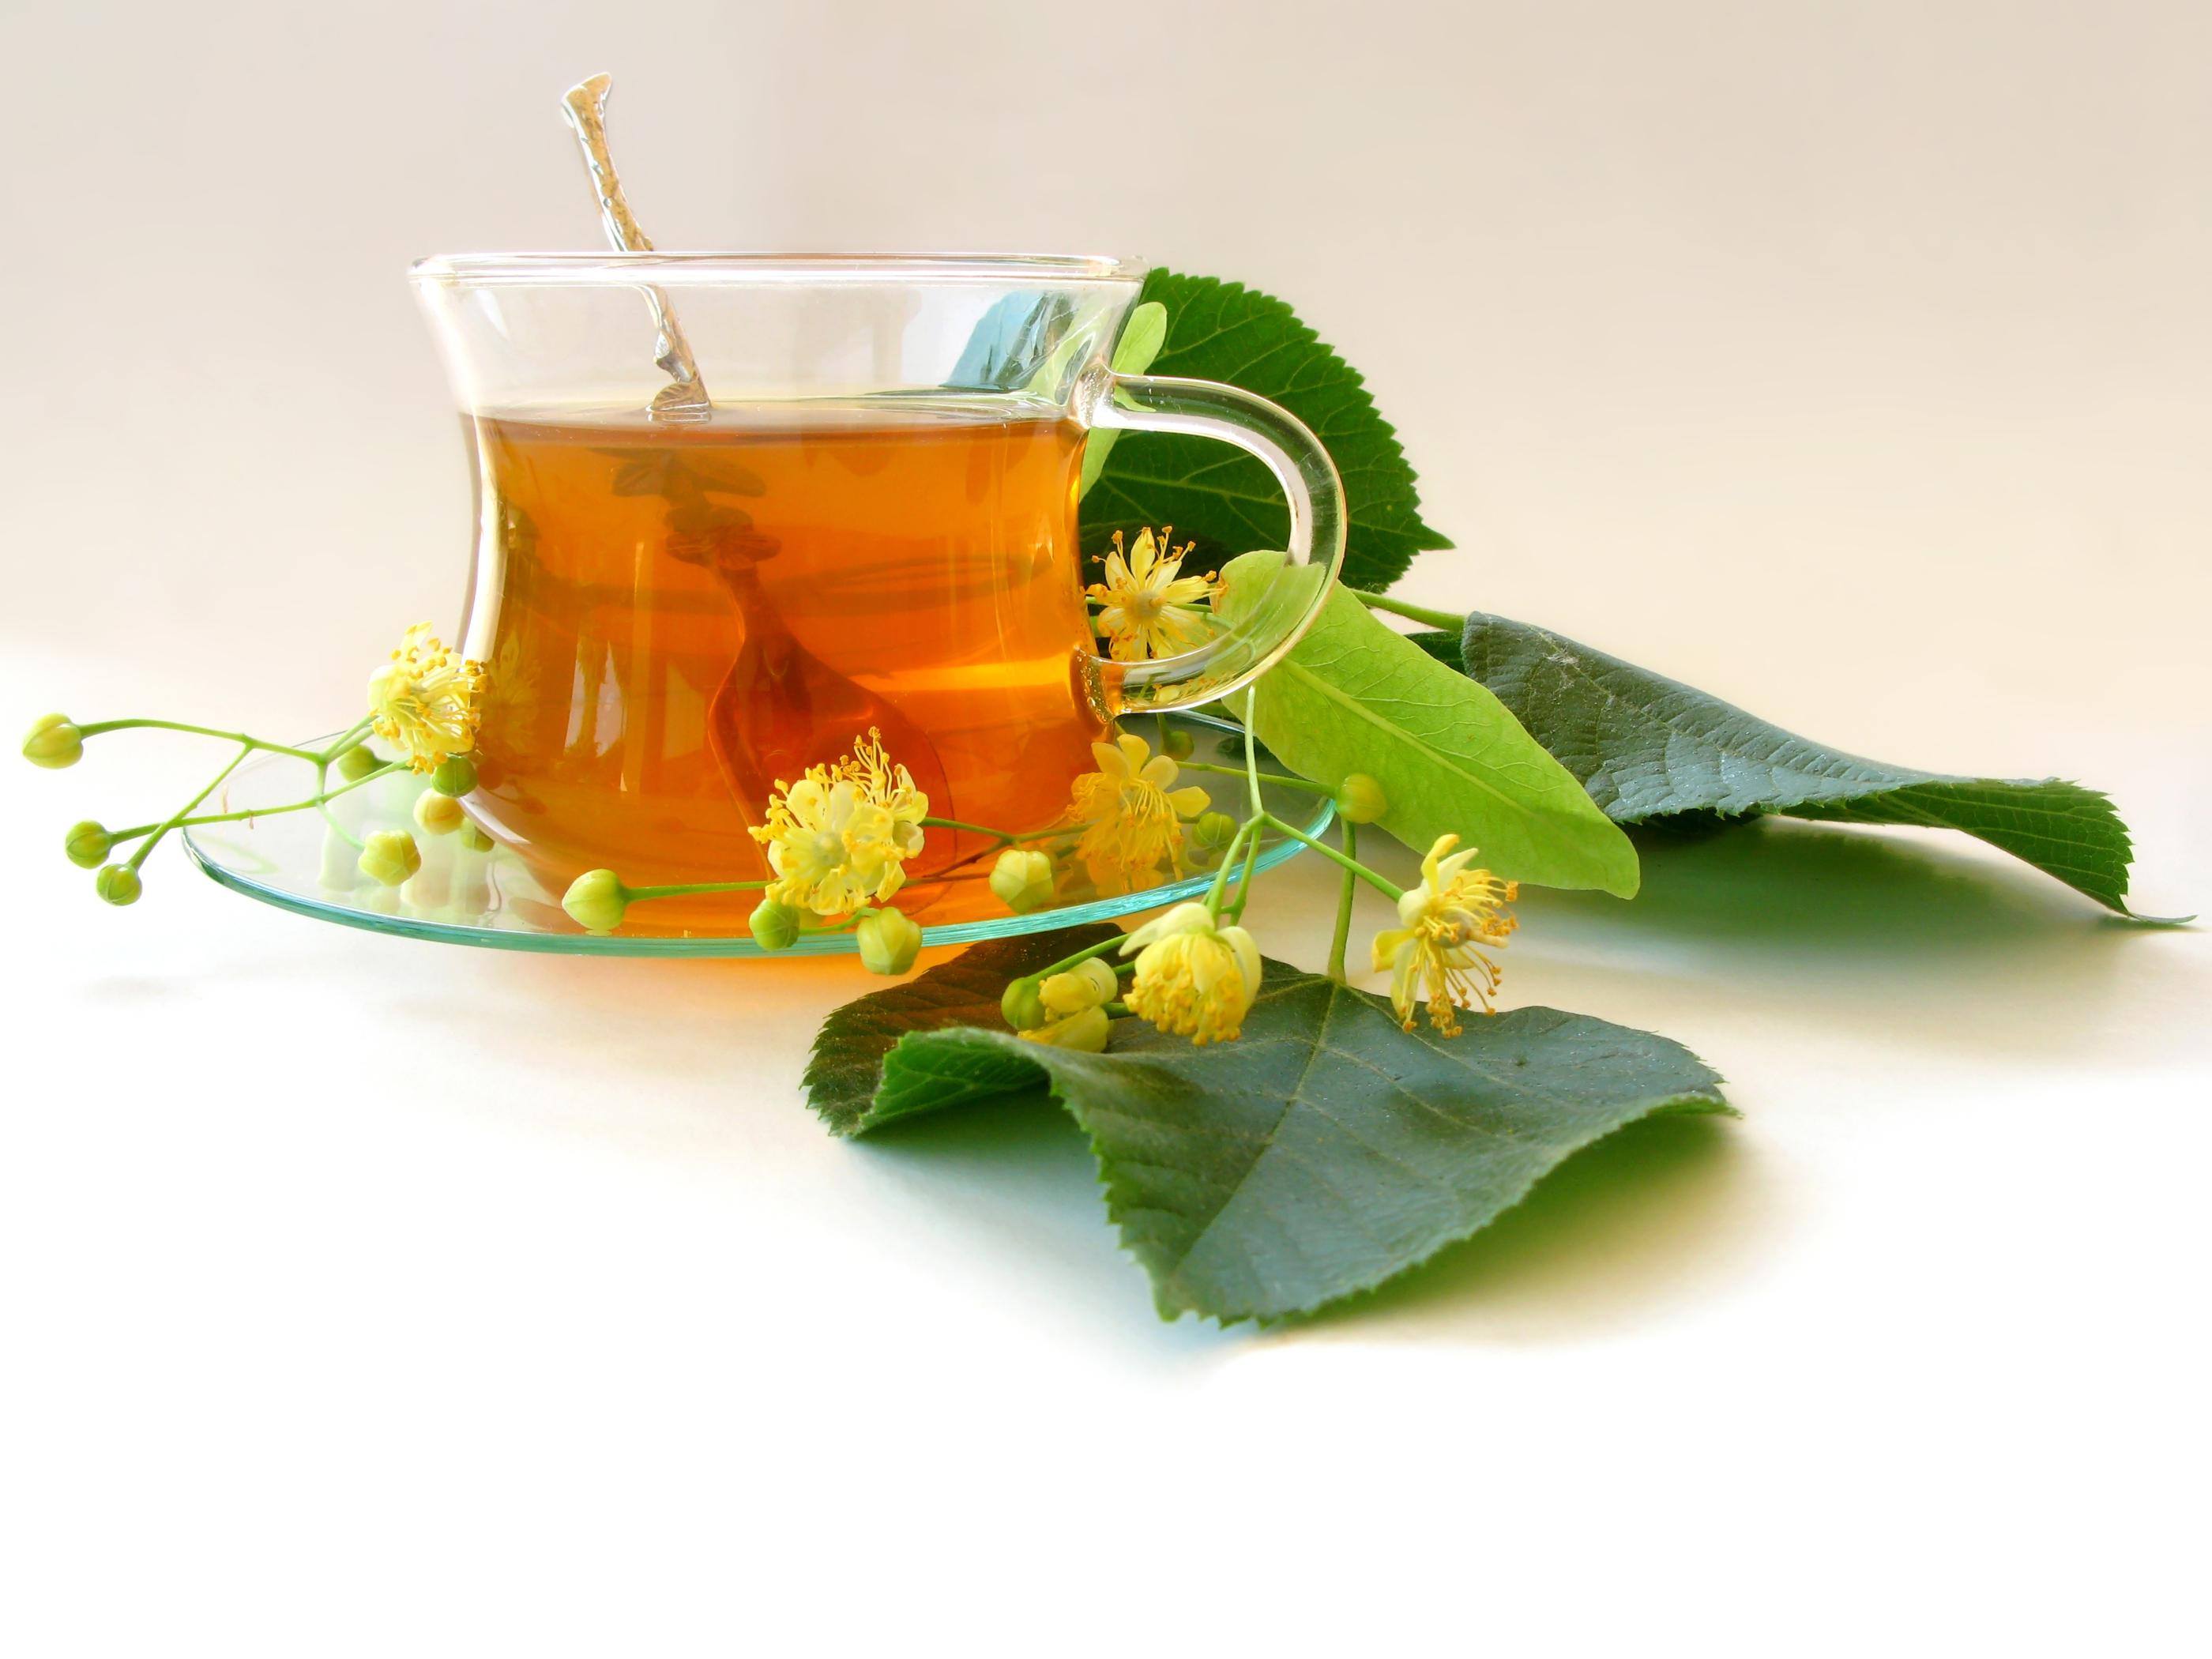 Plantas medicinais - xarope e chá - Plantas e Hortaliças